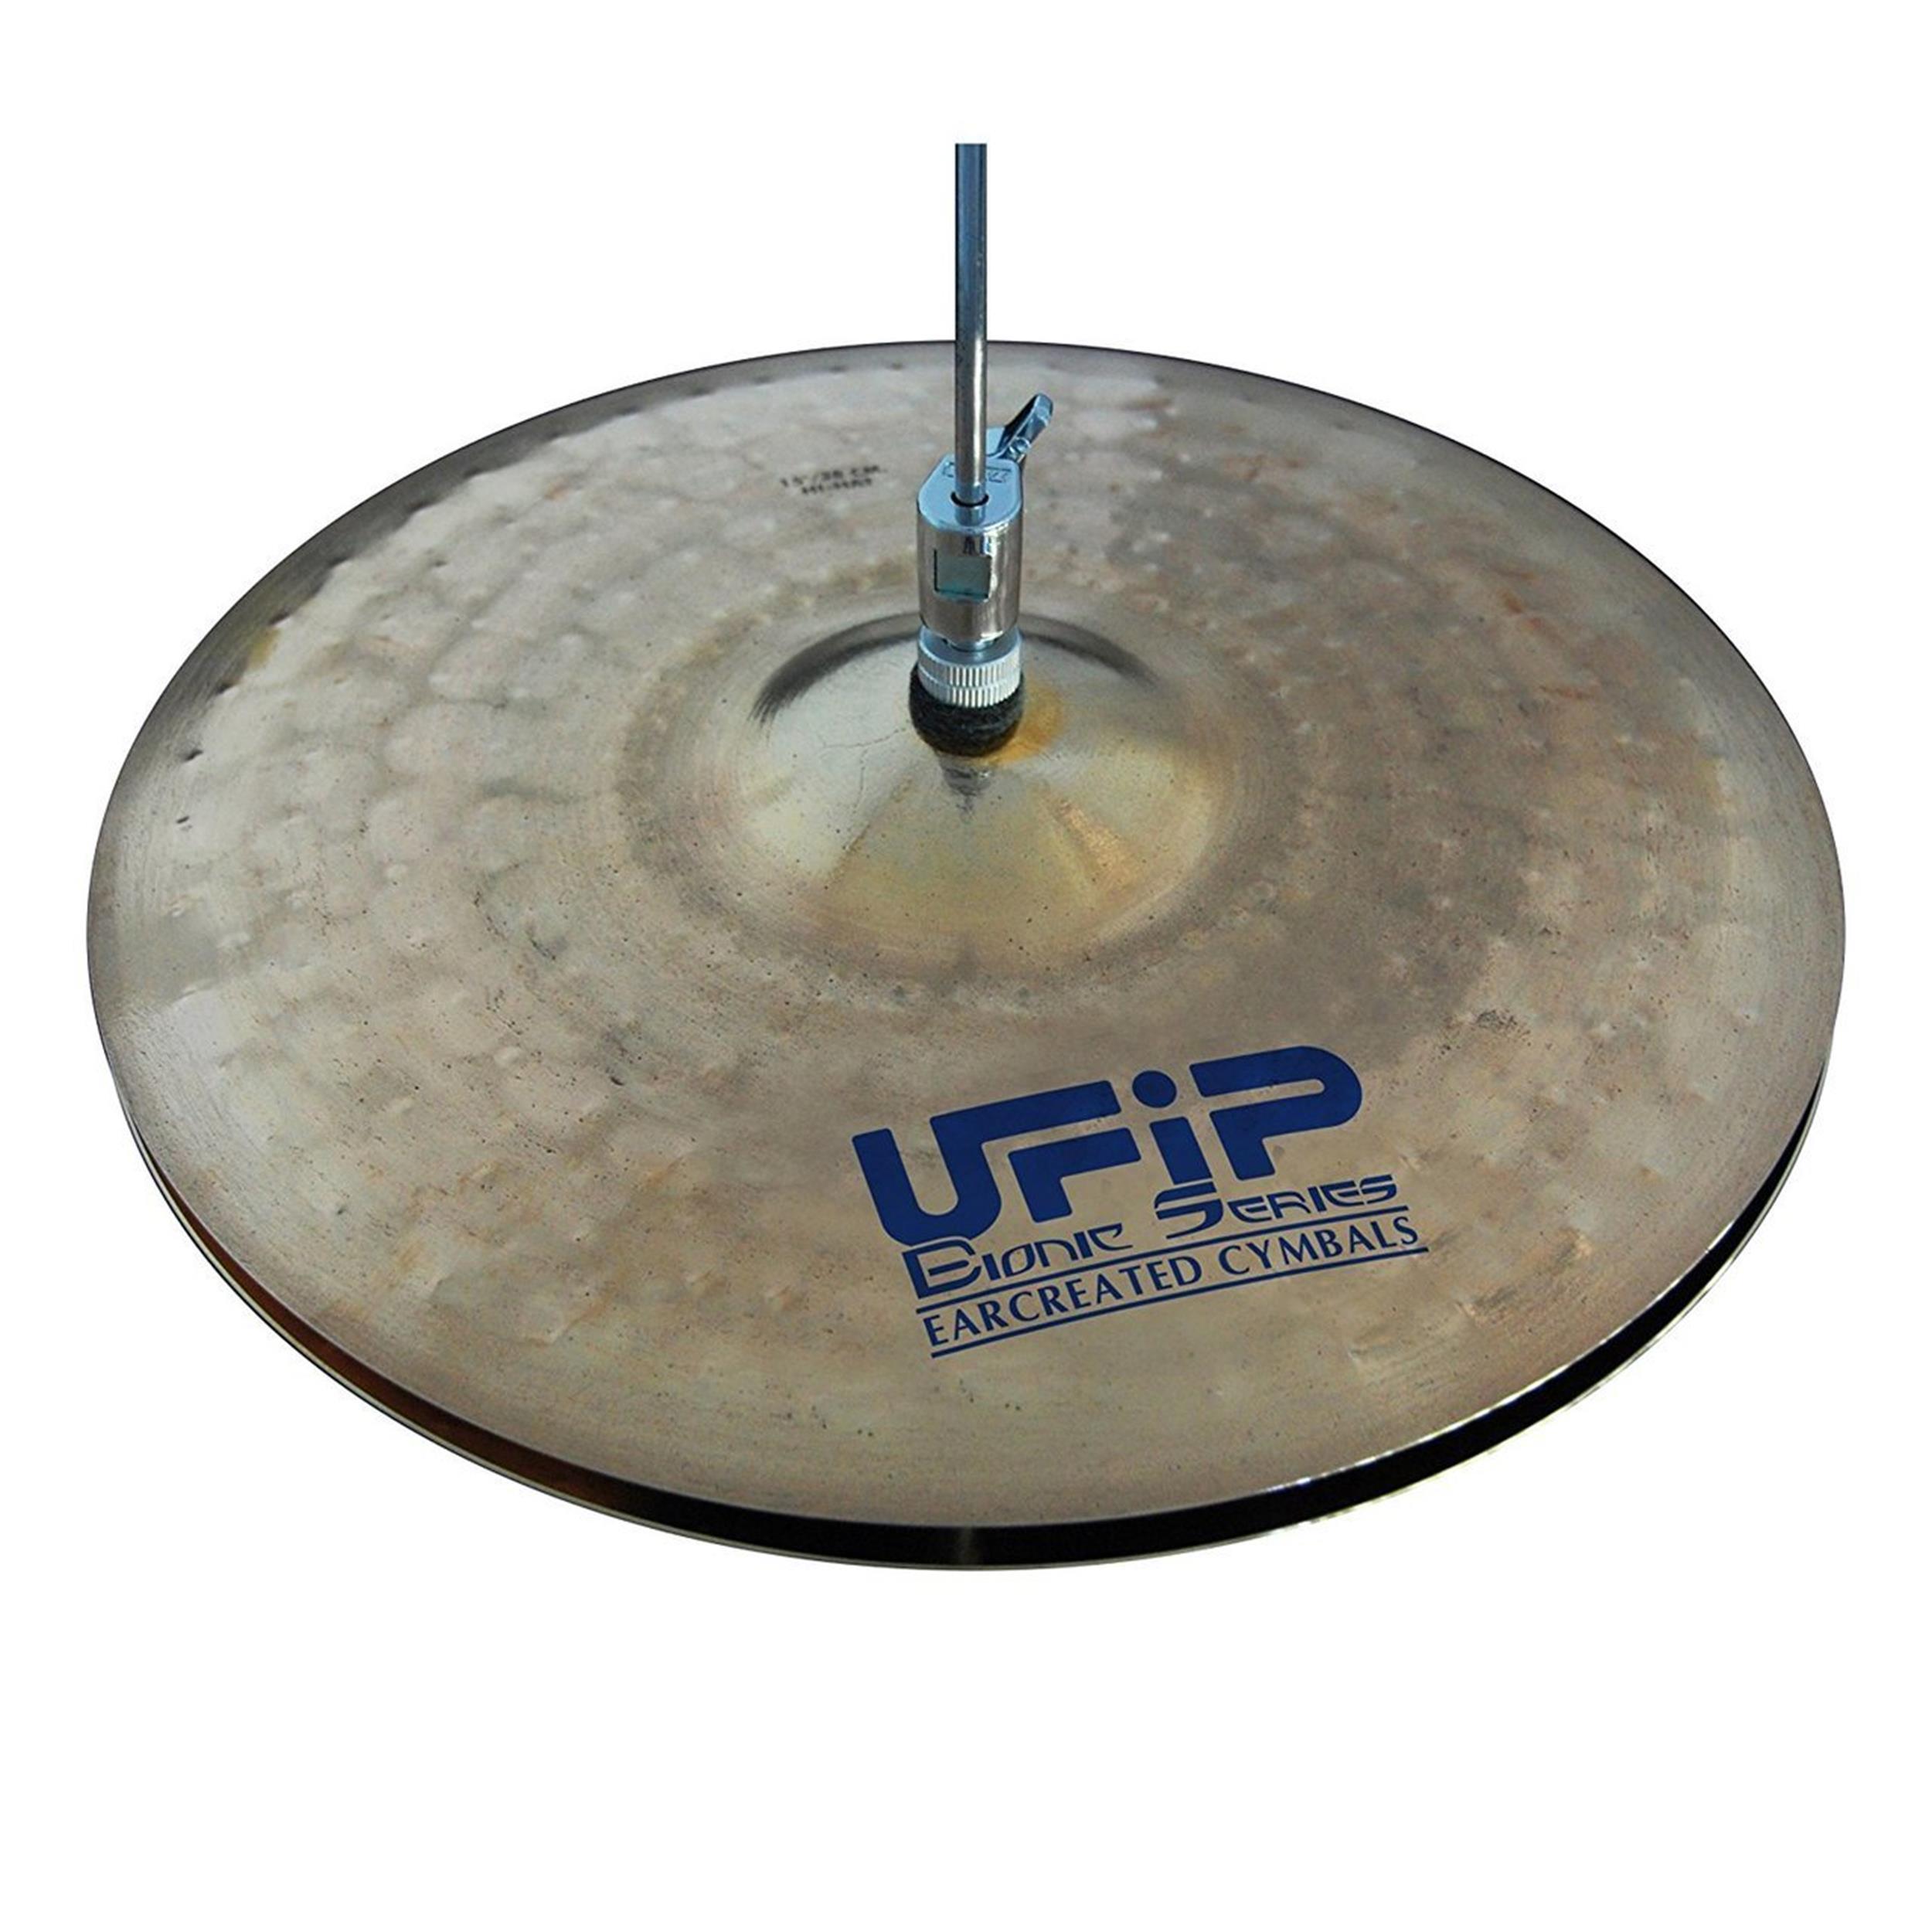 UFIP BIONIC HI HAT 14